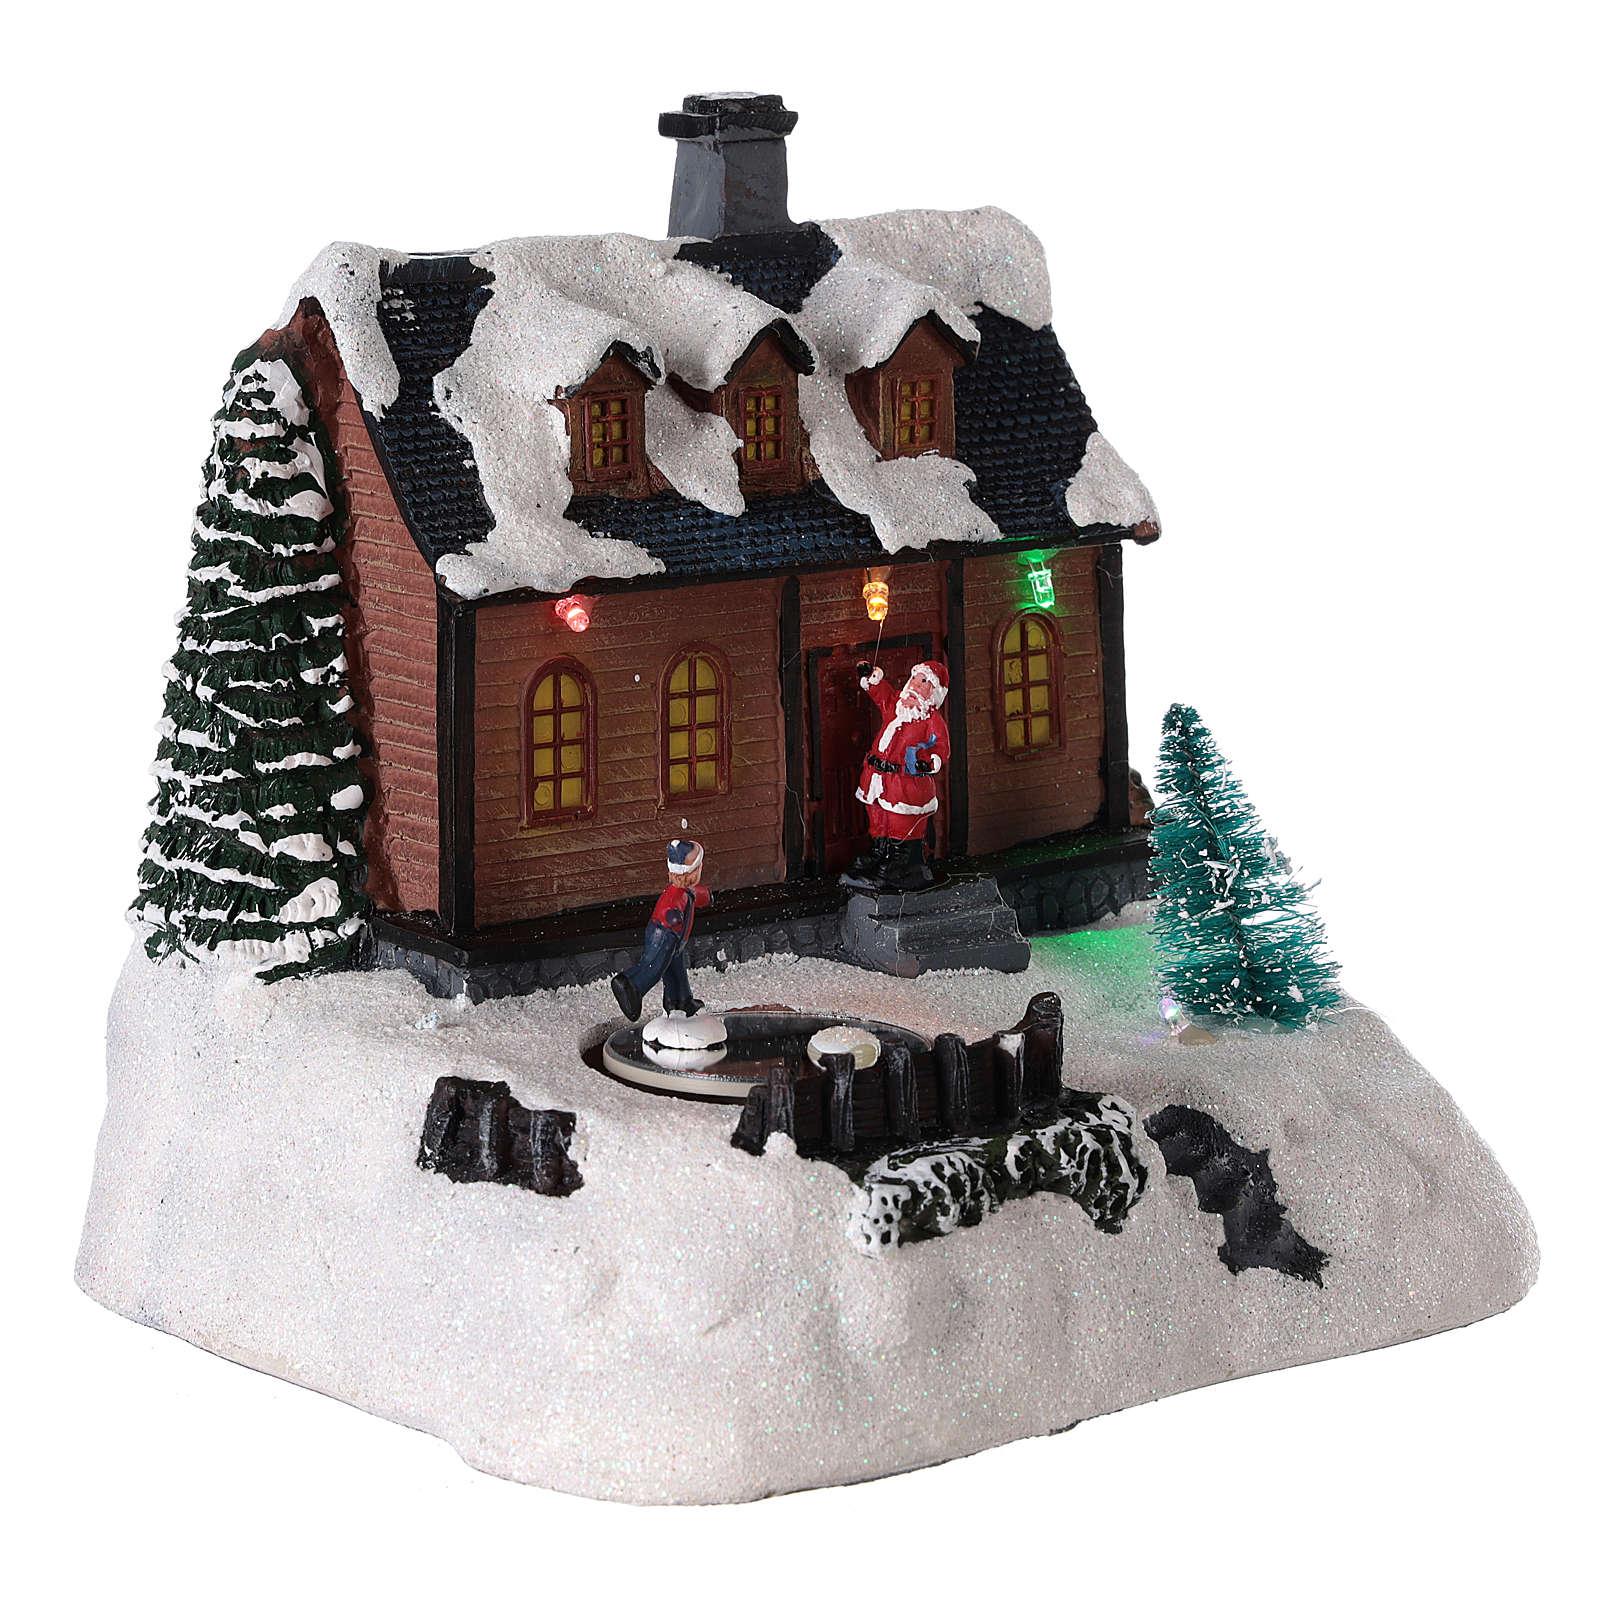 Maison pour village de Noël avec éclairage et musique 20x20x15 cm 3